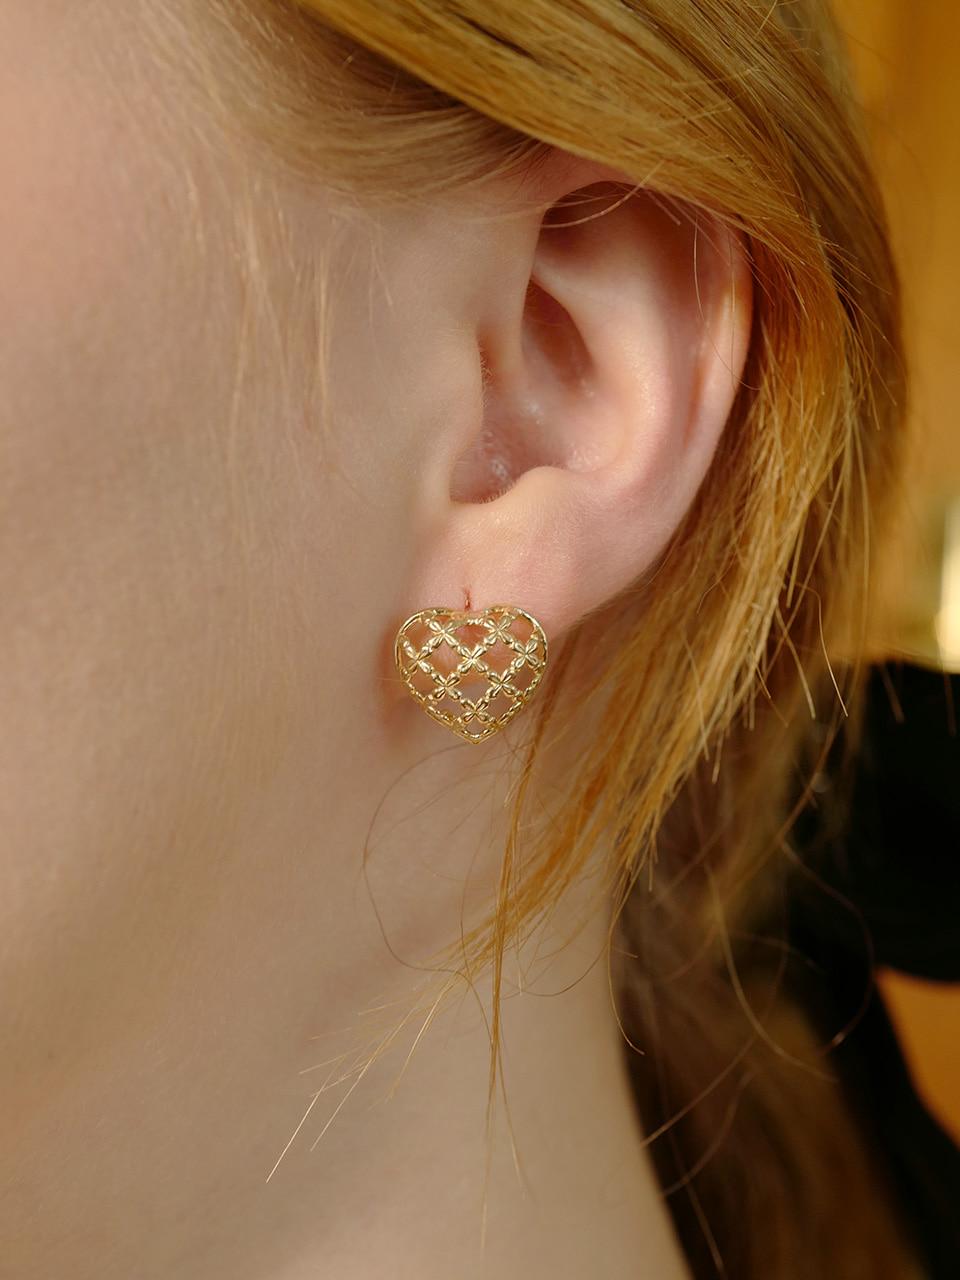 [stone tulip frame earring]